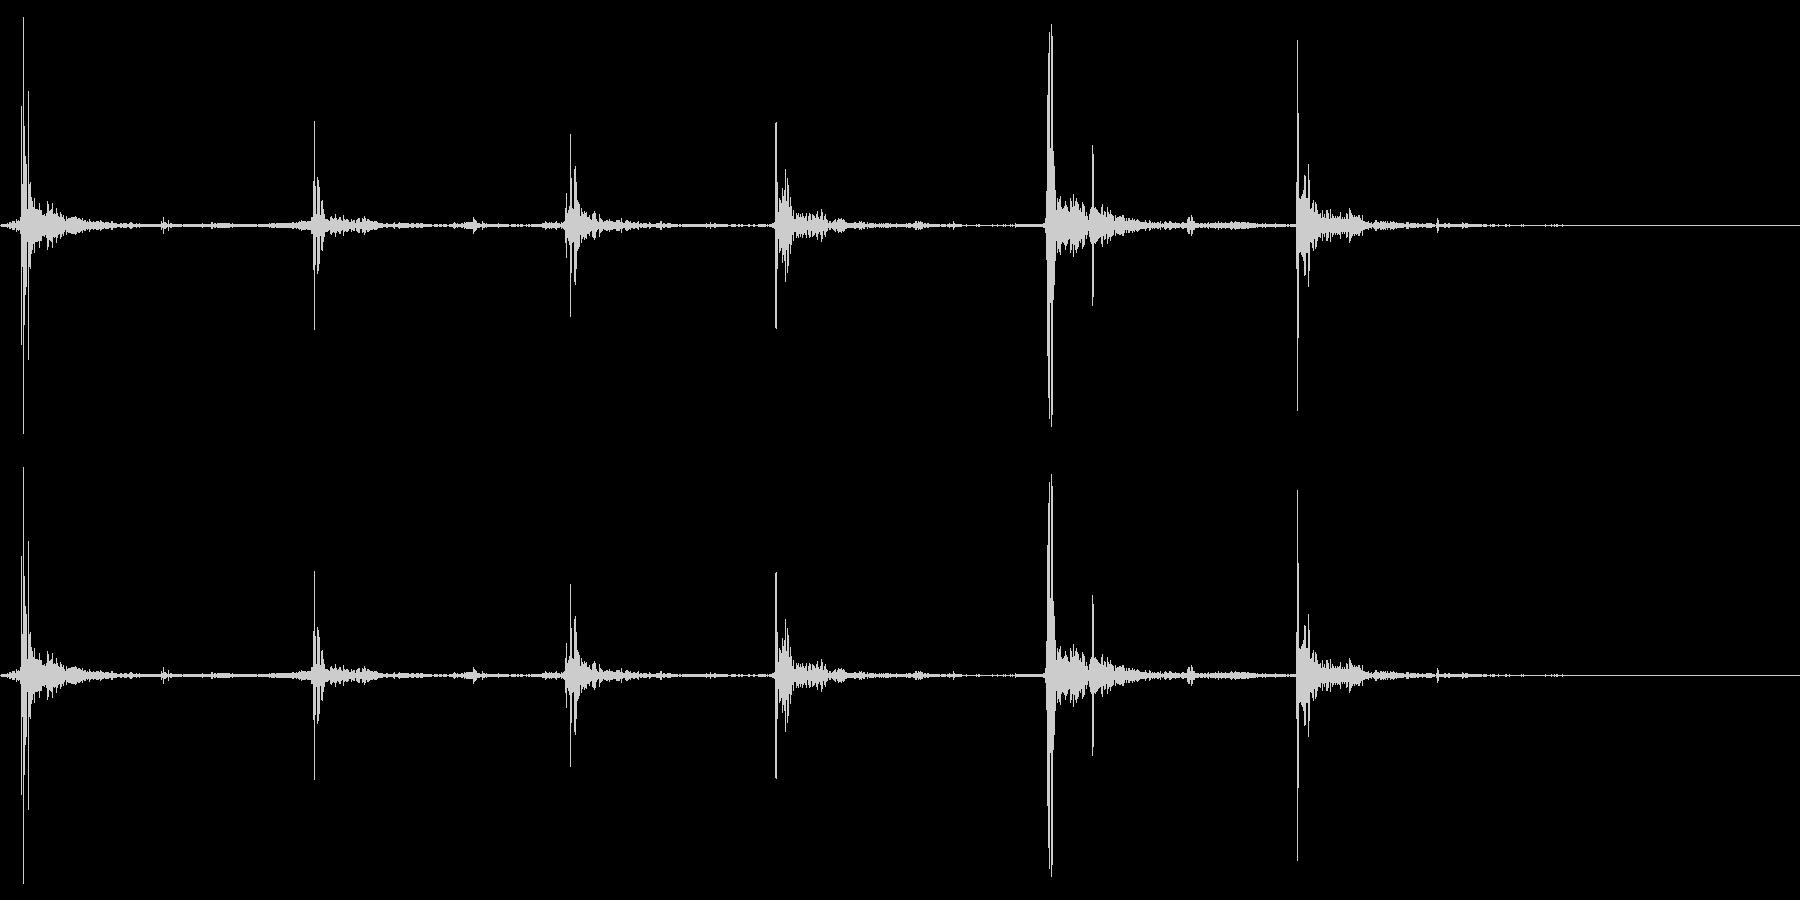 【マイク収録】パタパタと床を走る足音の未再生の波形